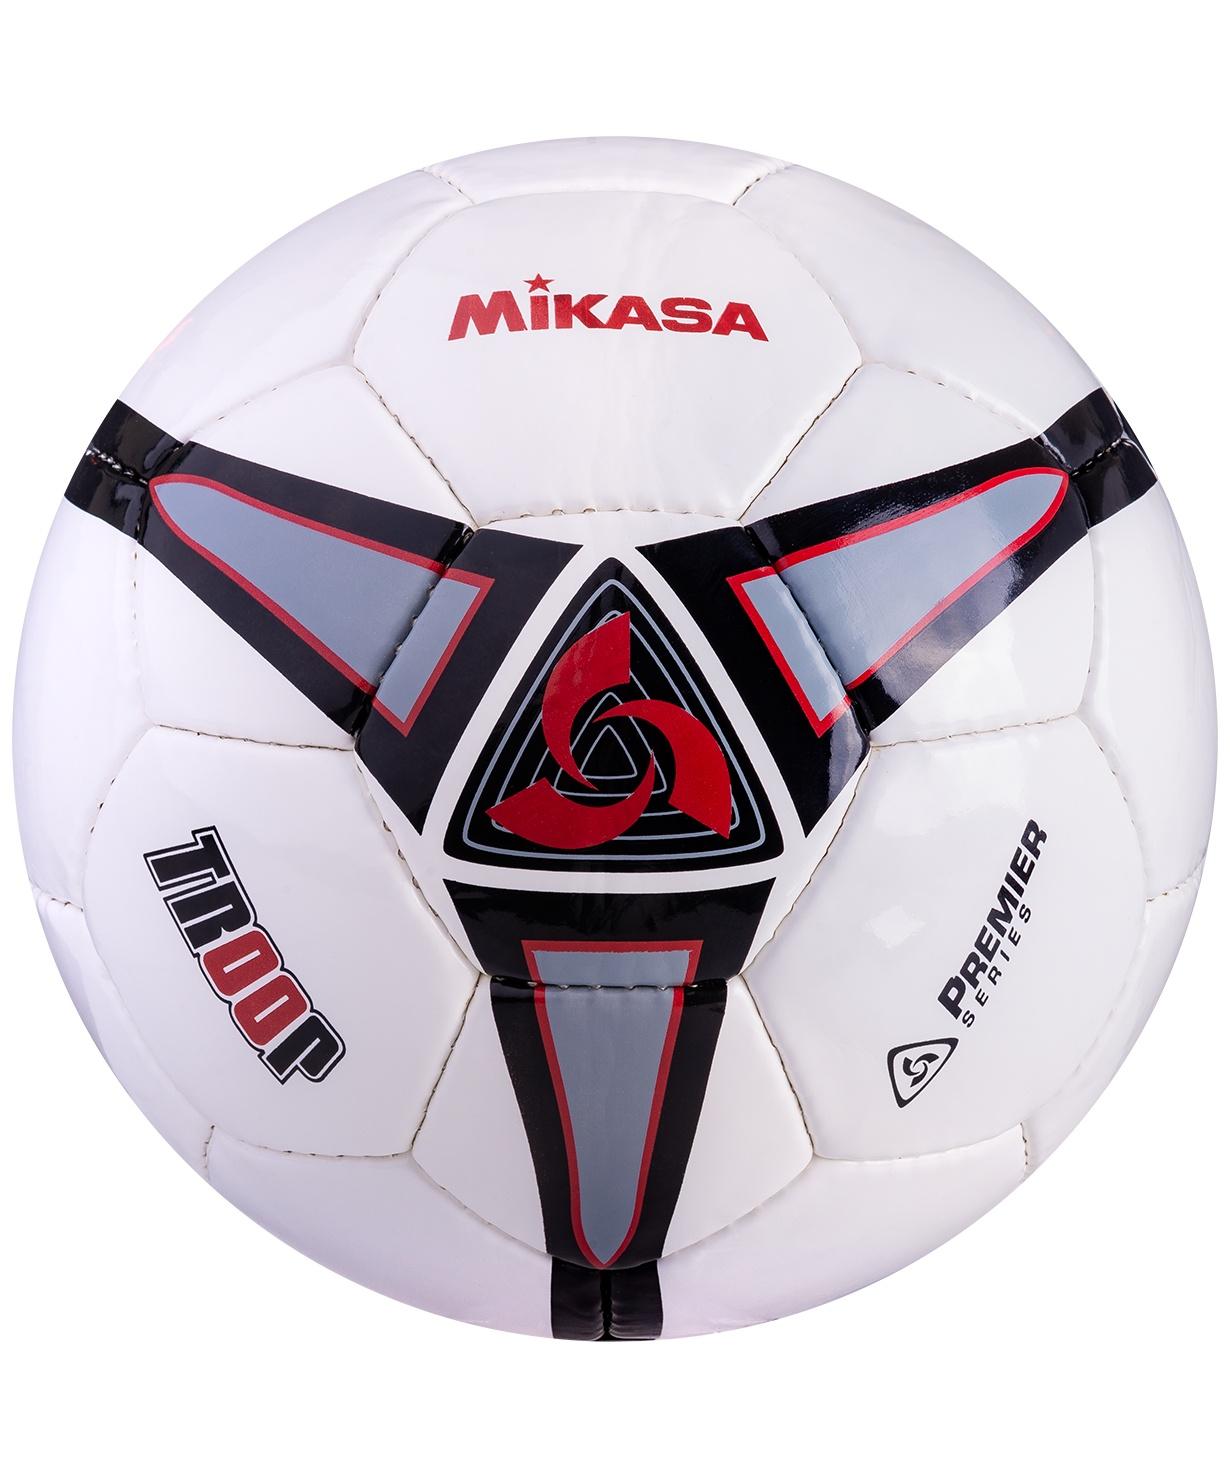 Мяч футбольный Mikasa TROOP5-BK р.5 мяч баскетбольный mikasa 1020 р 7 8 панелей